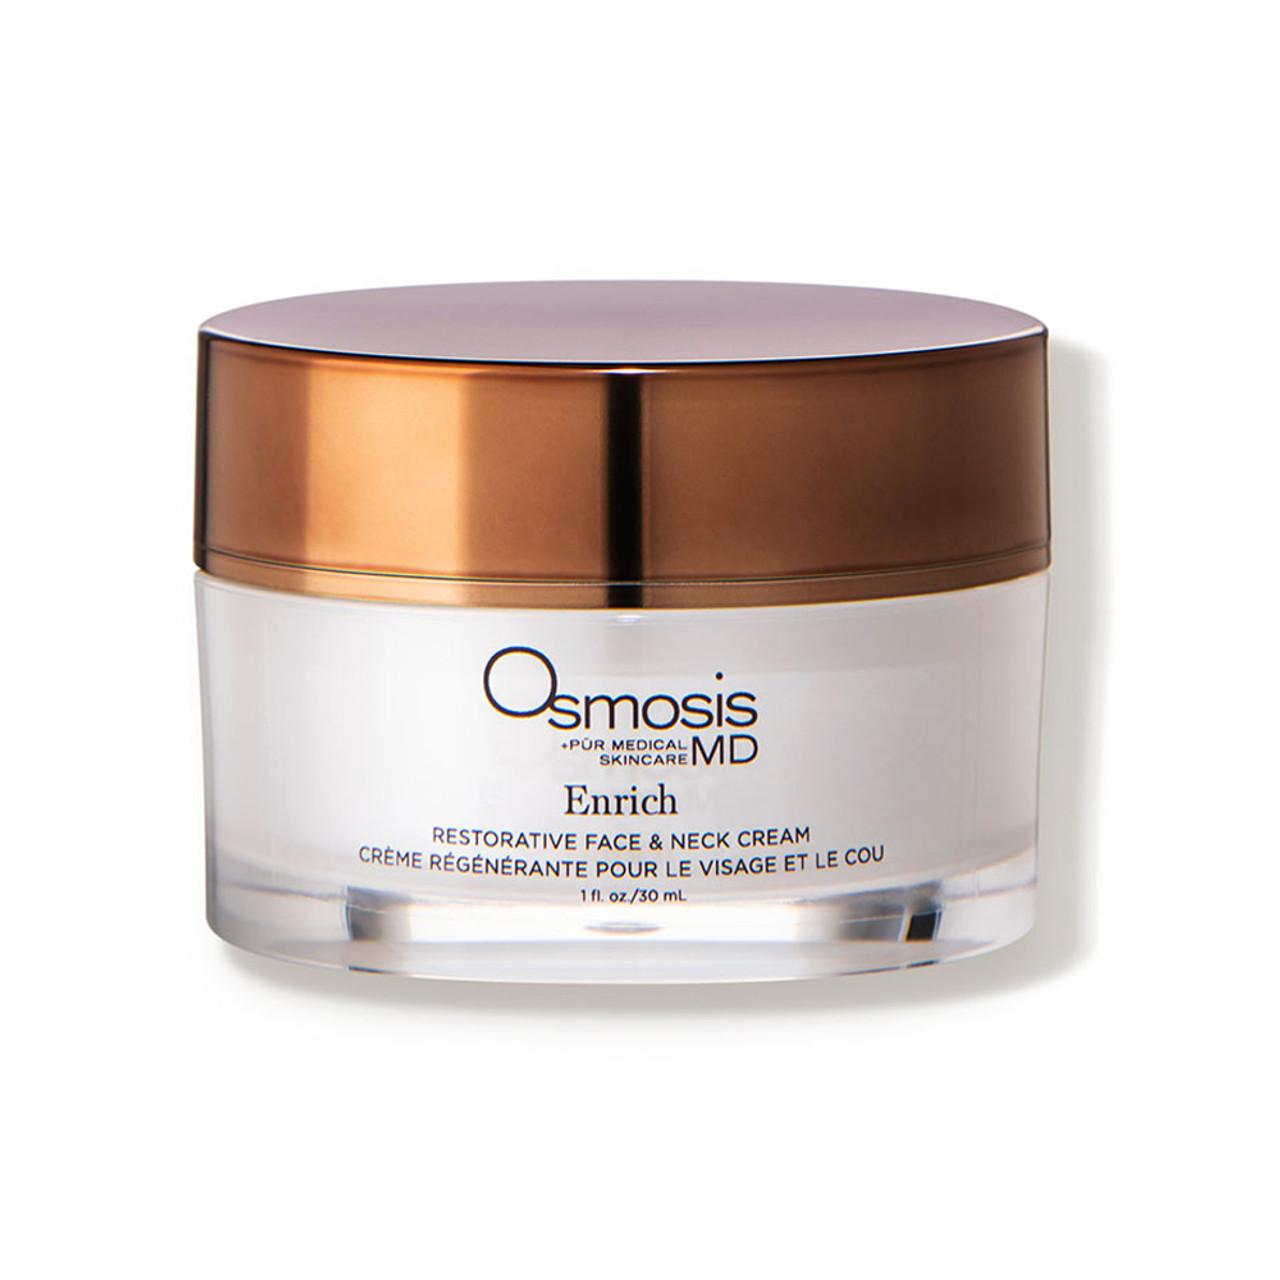 Osmosis +Skincare MD Enrich - Restorative Face & Neck Cream BeautifiedYou.com